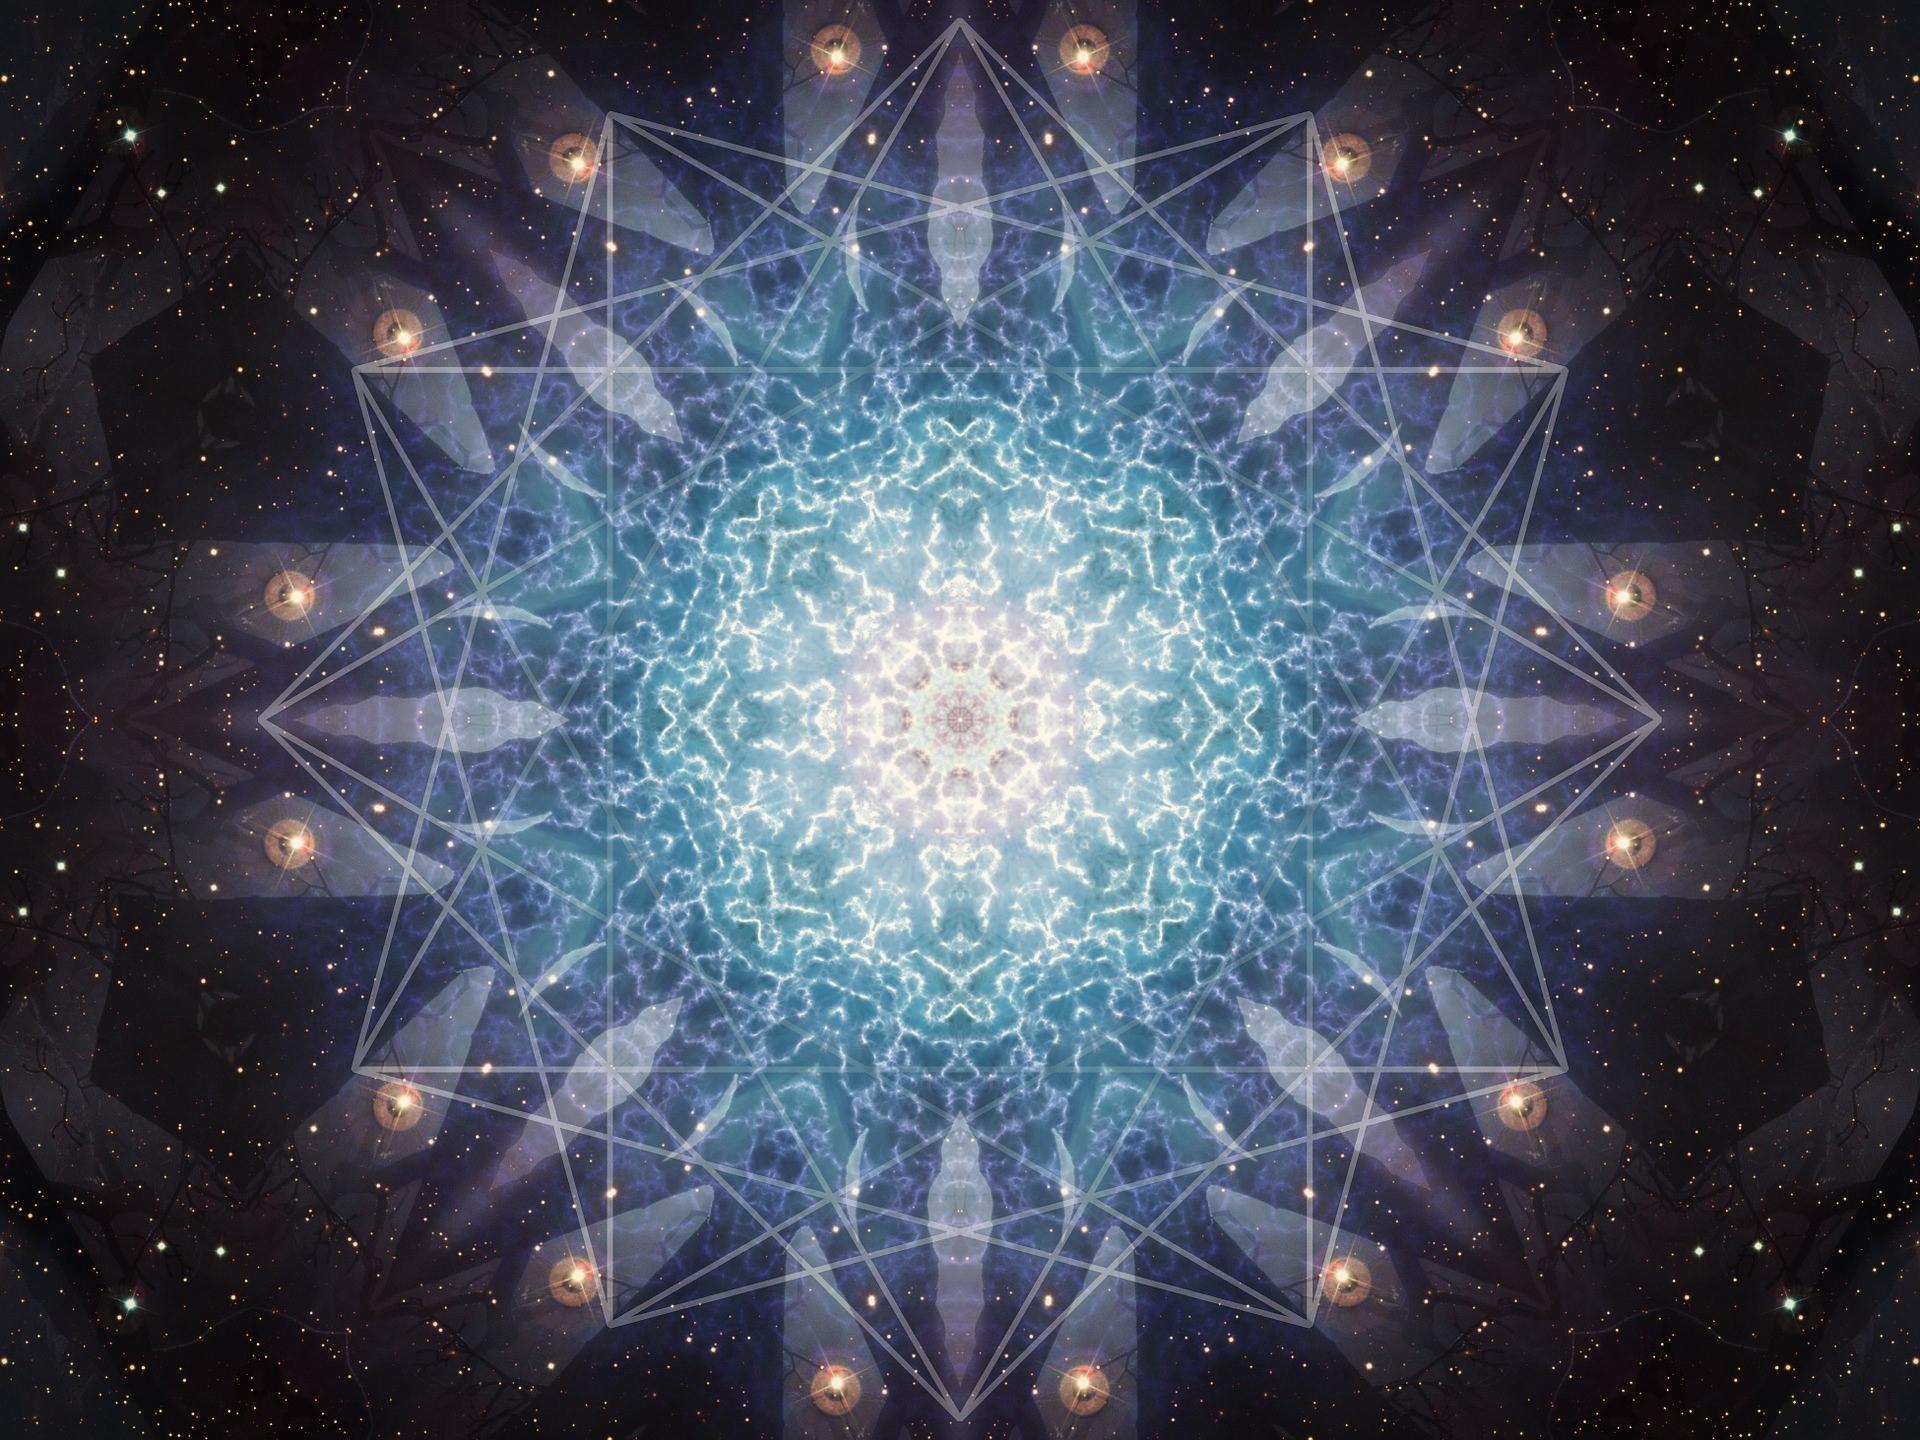 fractal-764928_1920.jpg